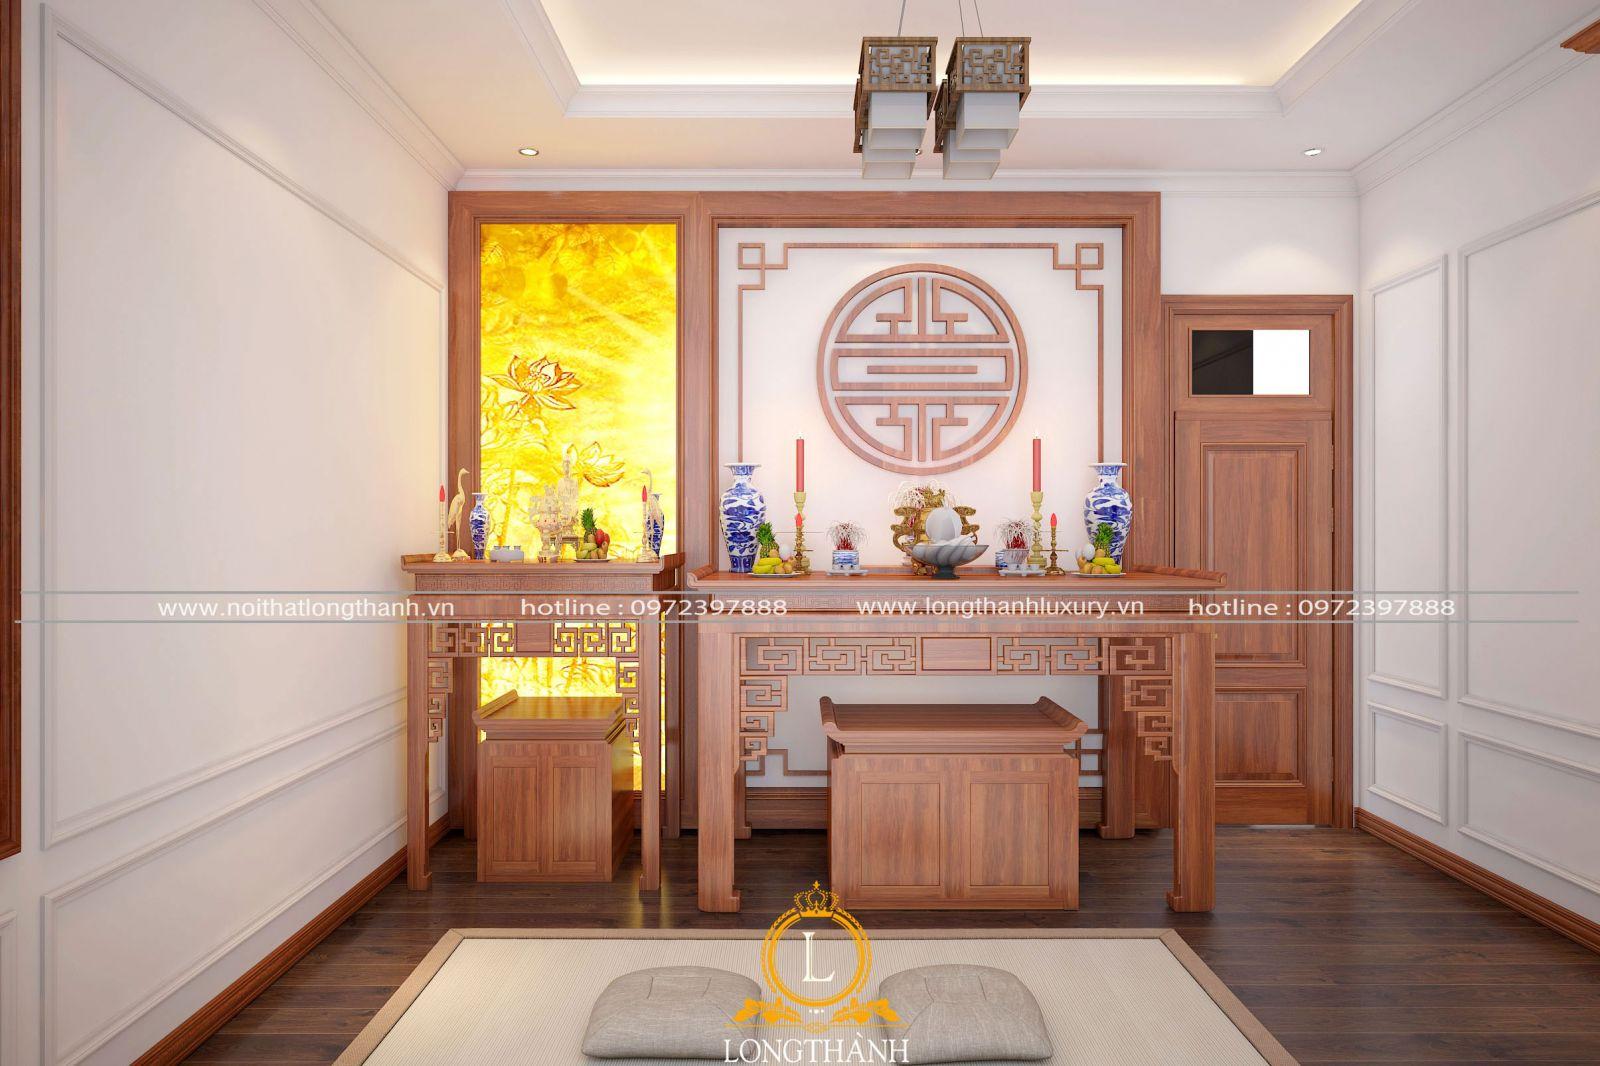 Mẫu phòng thờ gỗ Gõ đỏ tầng 1 cho không gian nhà phố hẹp